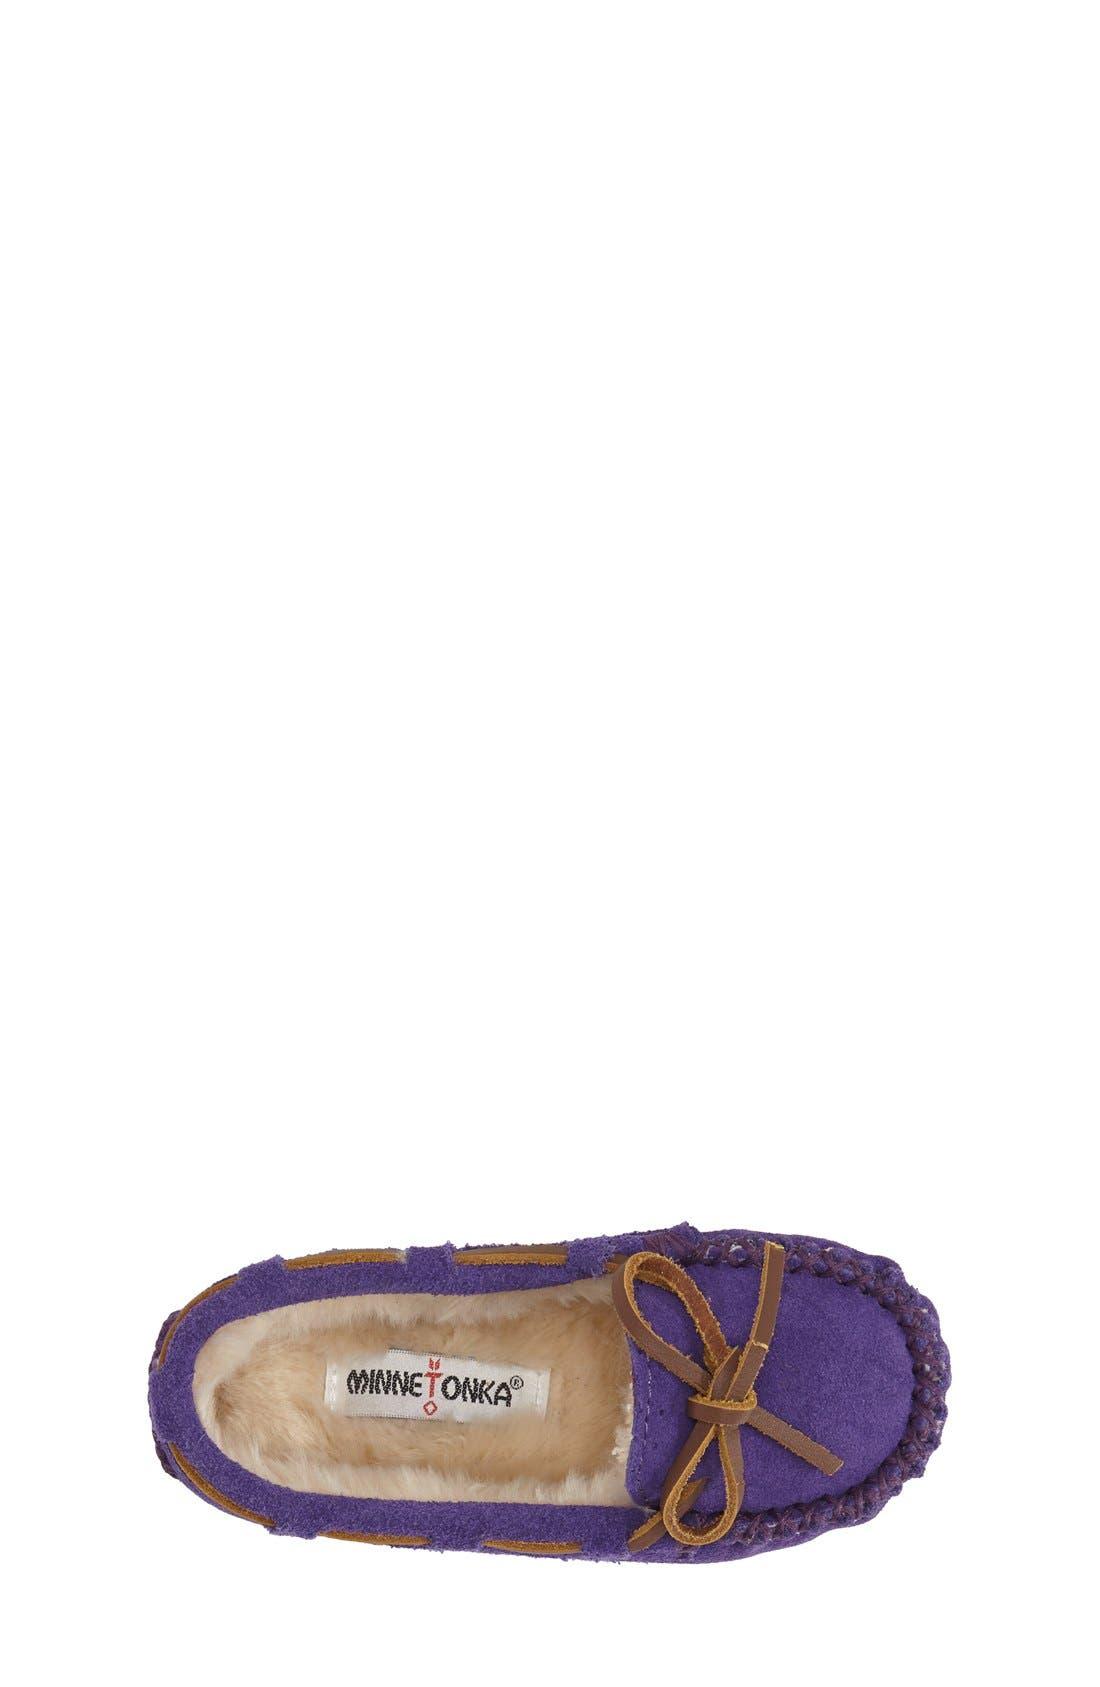 Kiltie Moccasin,                             Alternate thumbnail 3, color,                             Purple